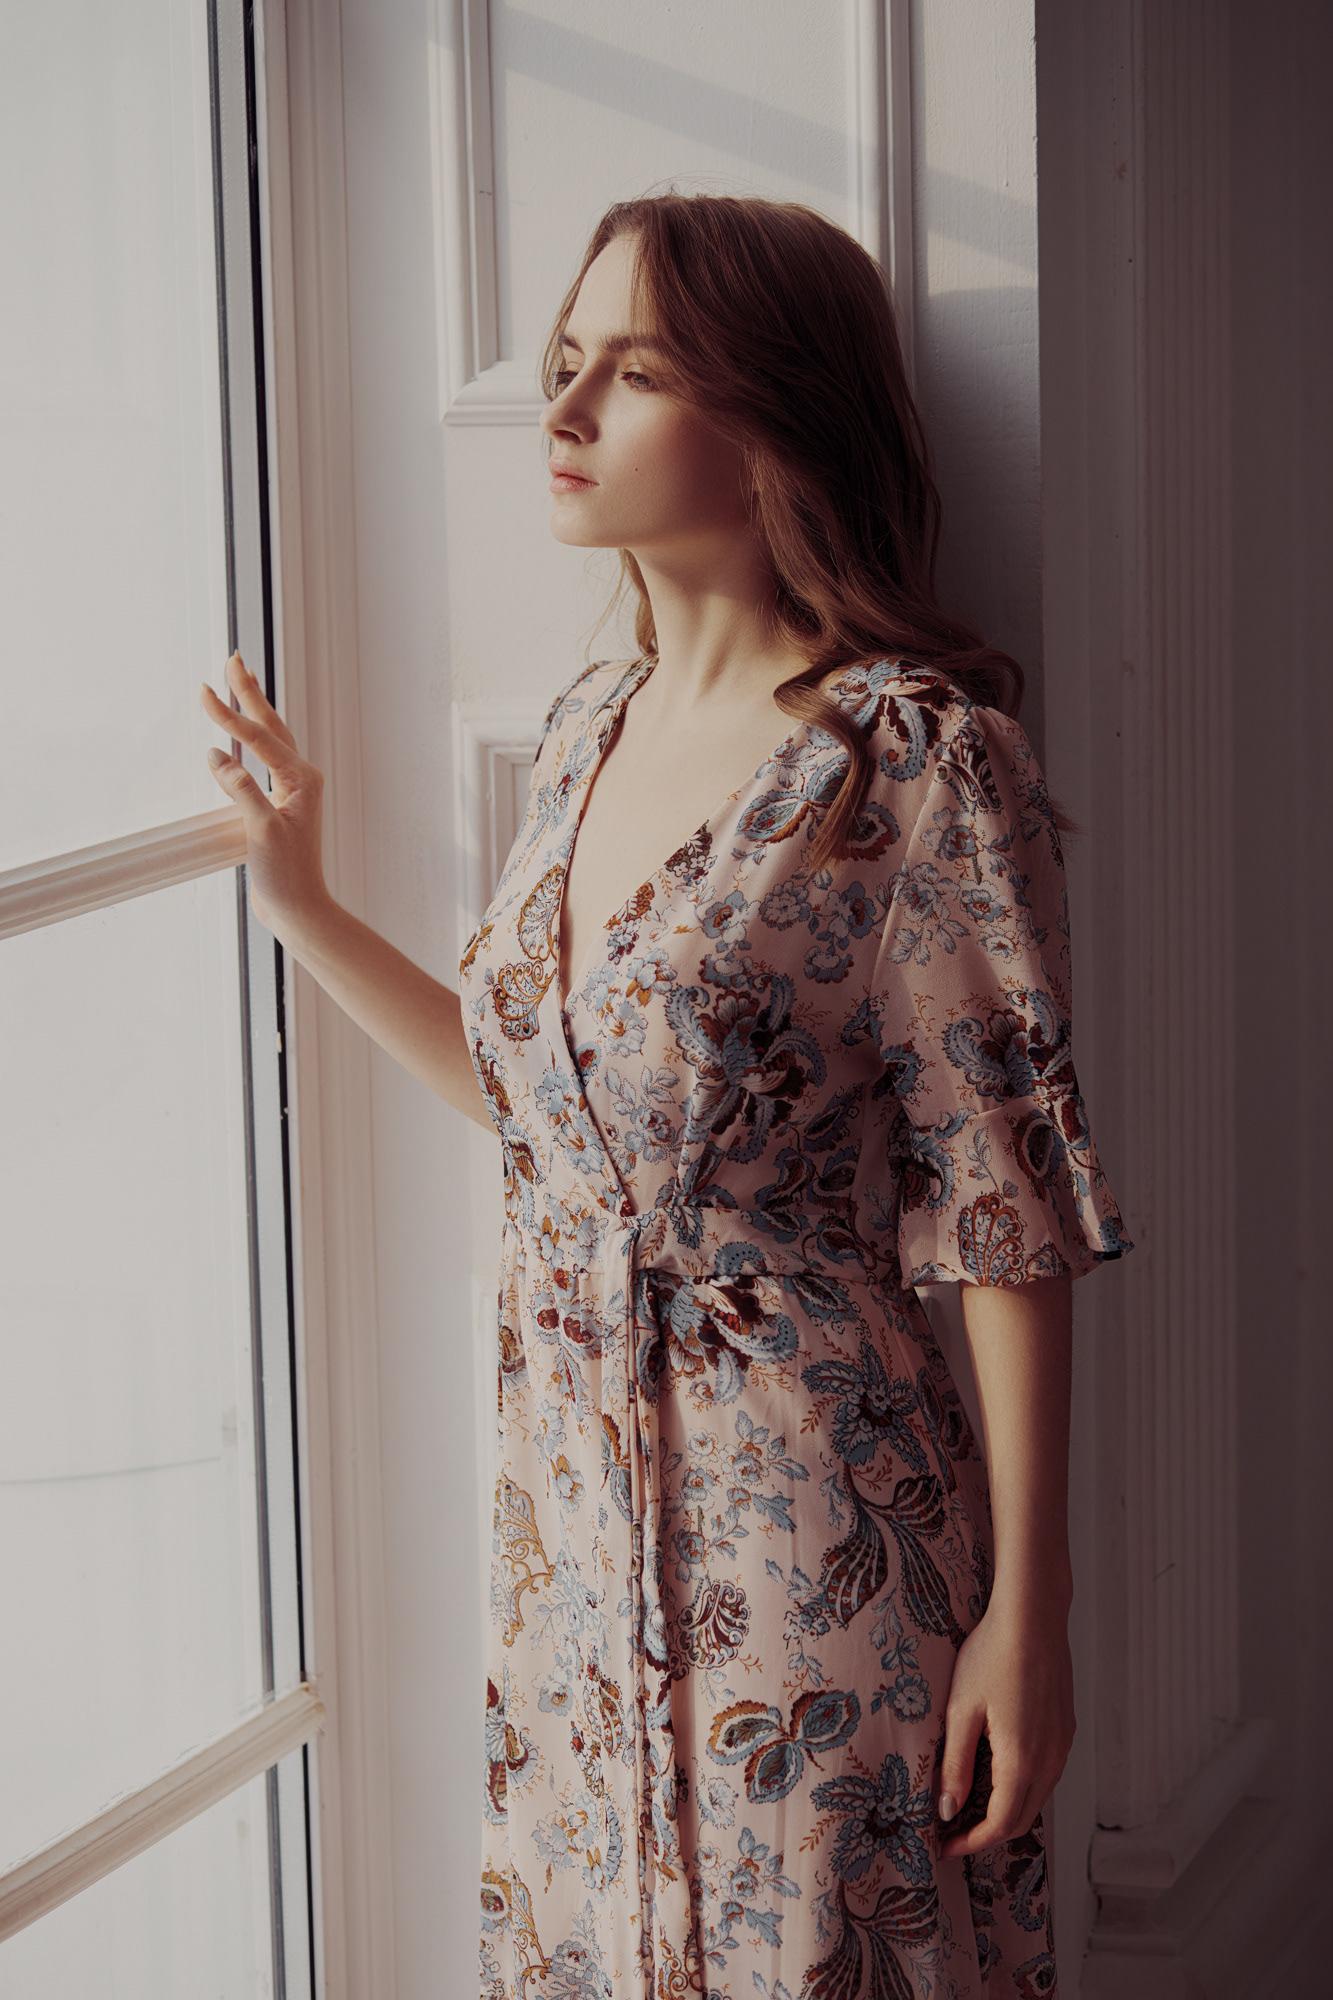 FlowerGirls / фотограф Alex Bond